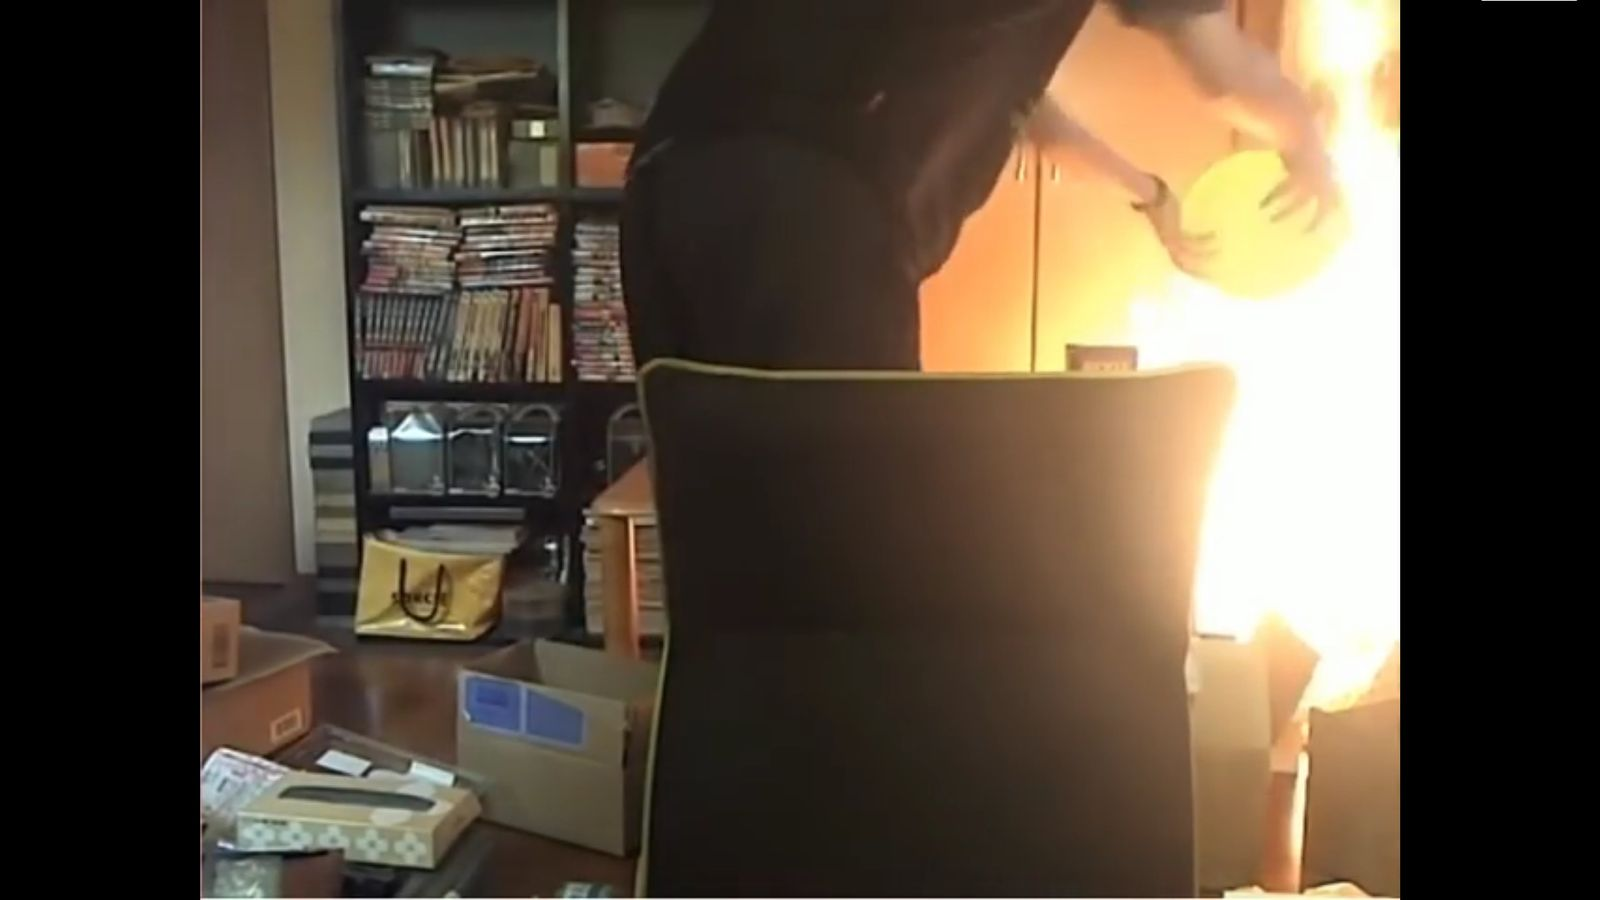 NUR ALS ZITAT Screenshot Mann brennt Wohnung ab